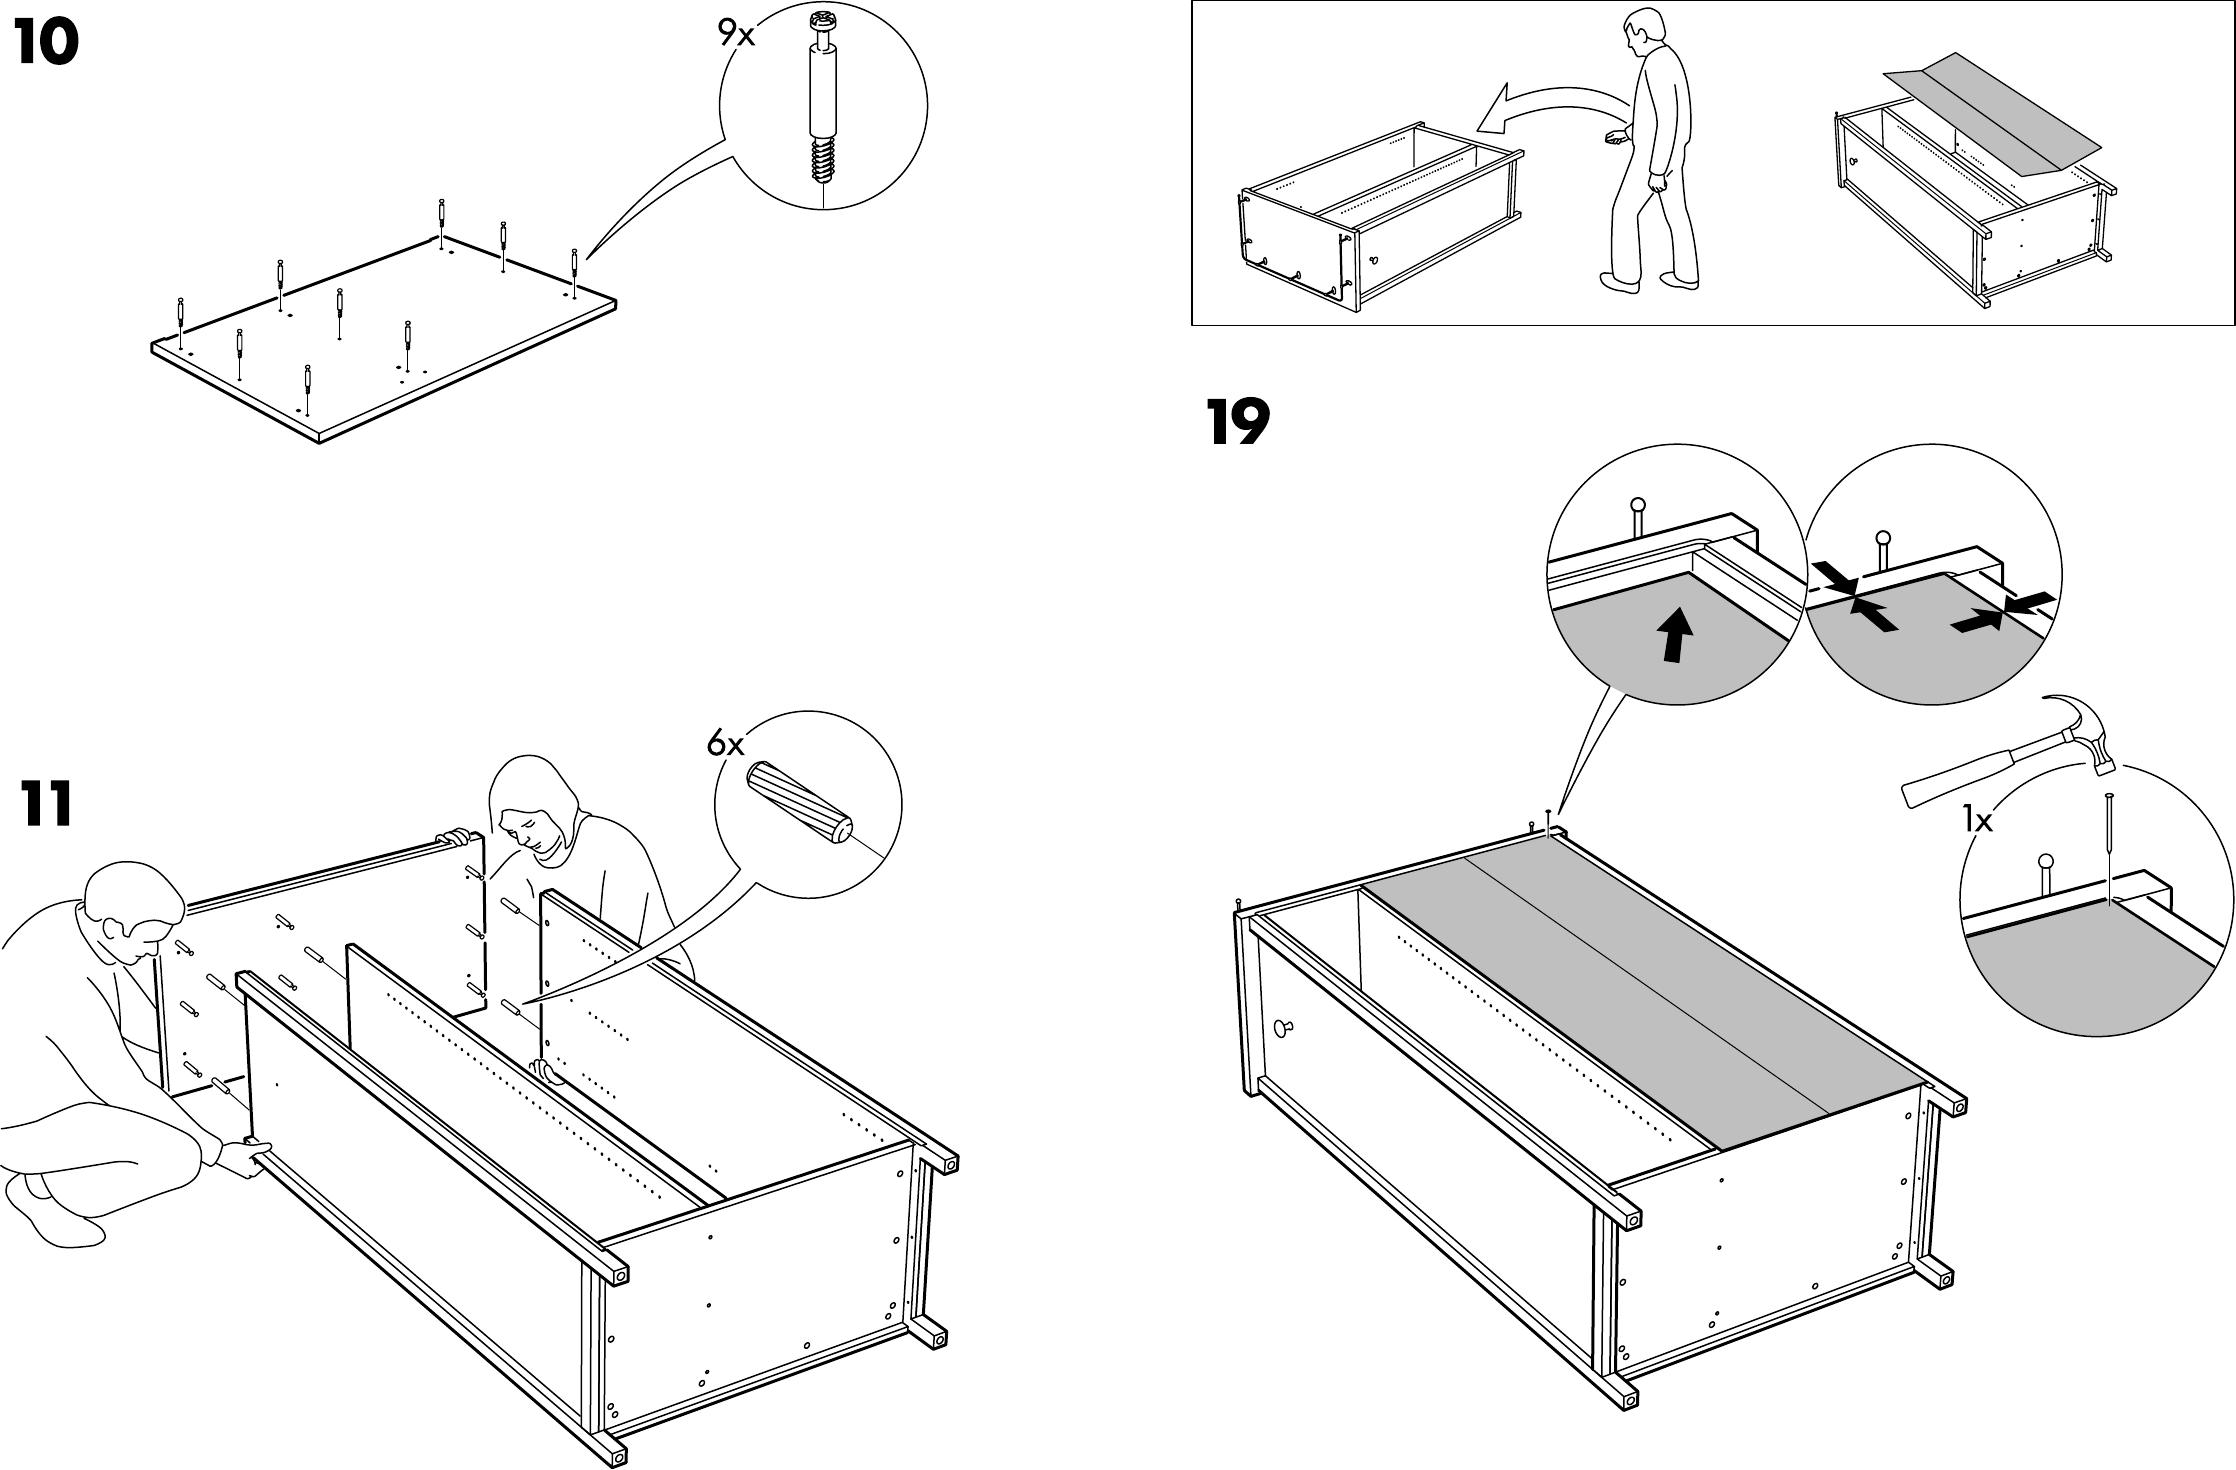 Handleiding Expedit Boekenkast.Ikea Gebruiksaanwijzing Keukenkast Informatie Over De Keuken